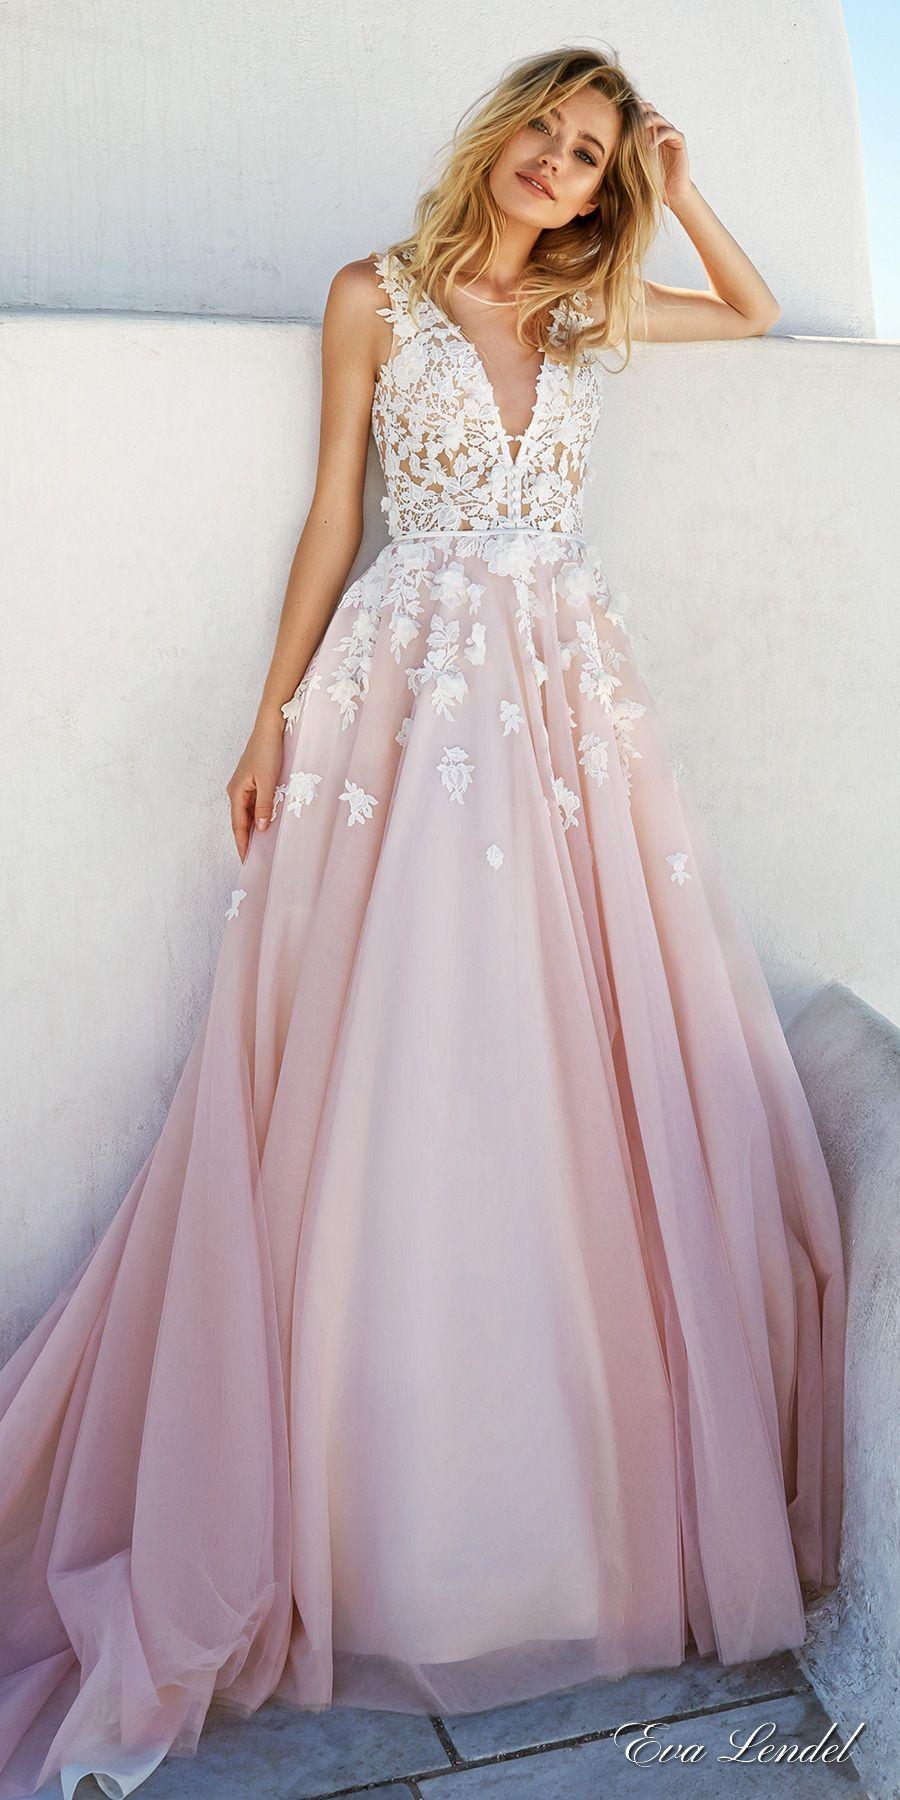 12 schöne rosa Brautkleider - hochzeitskleider-damenmode.de Farbe